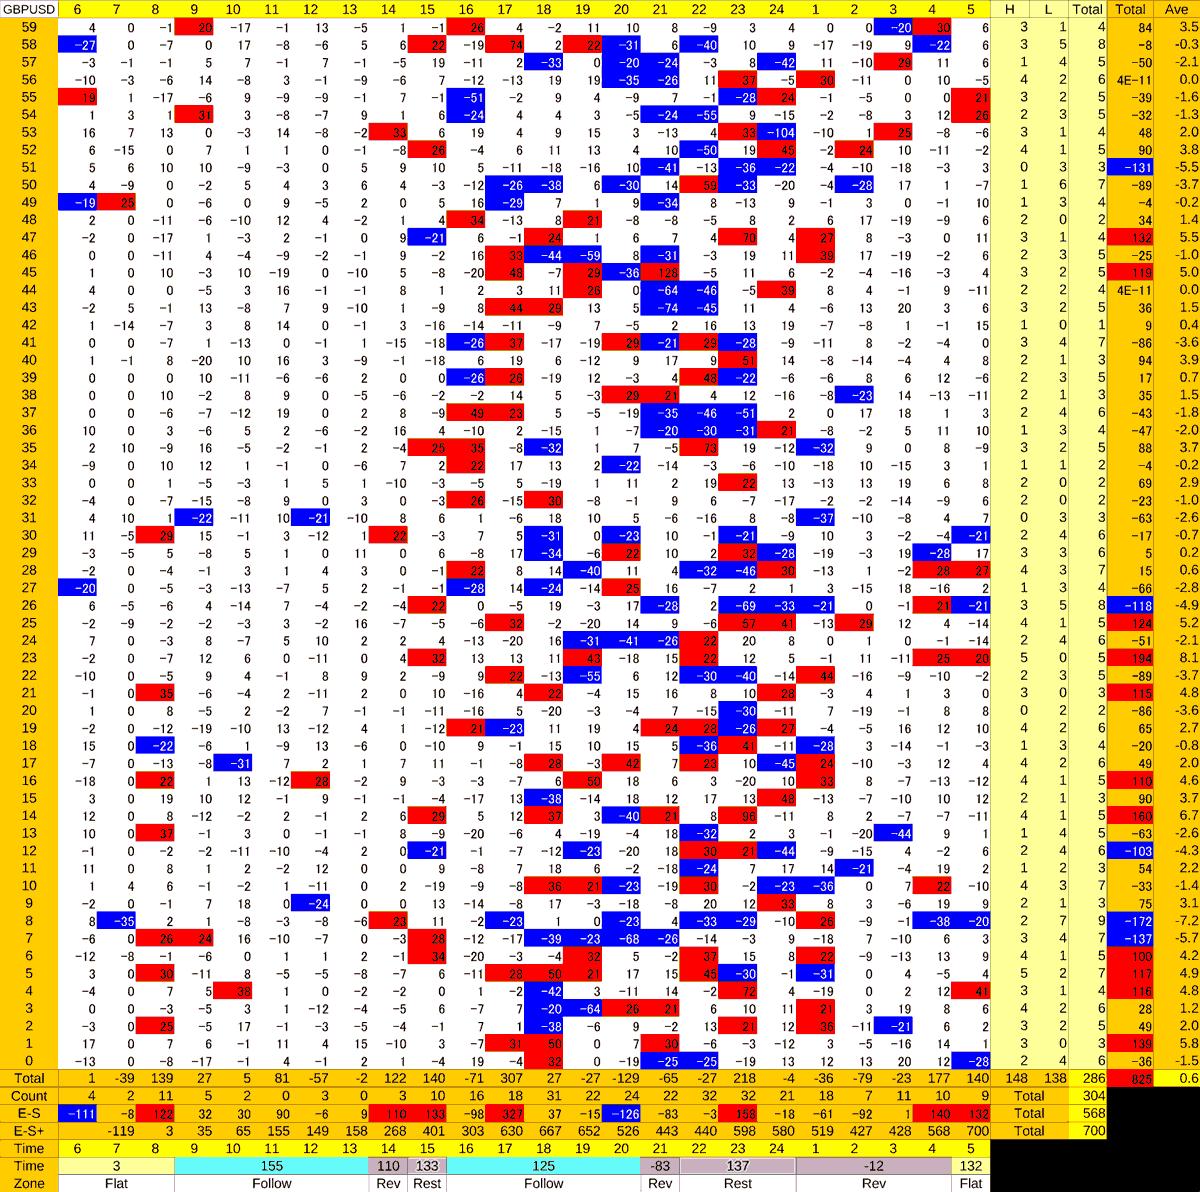 20210121_HS(2)GBPUSD